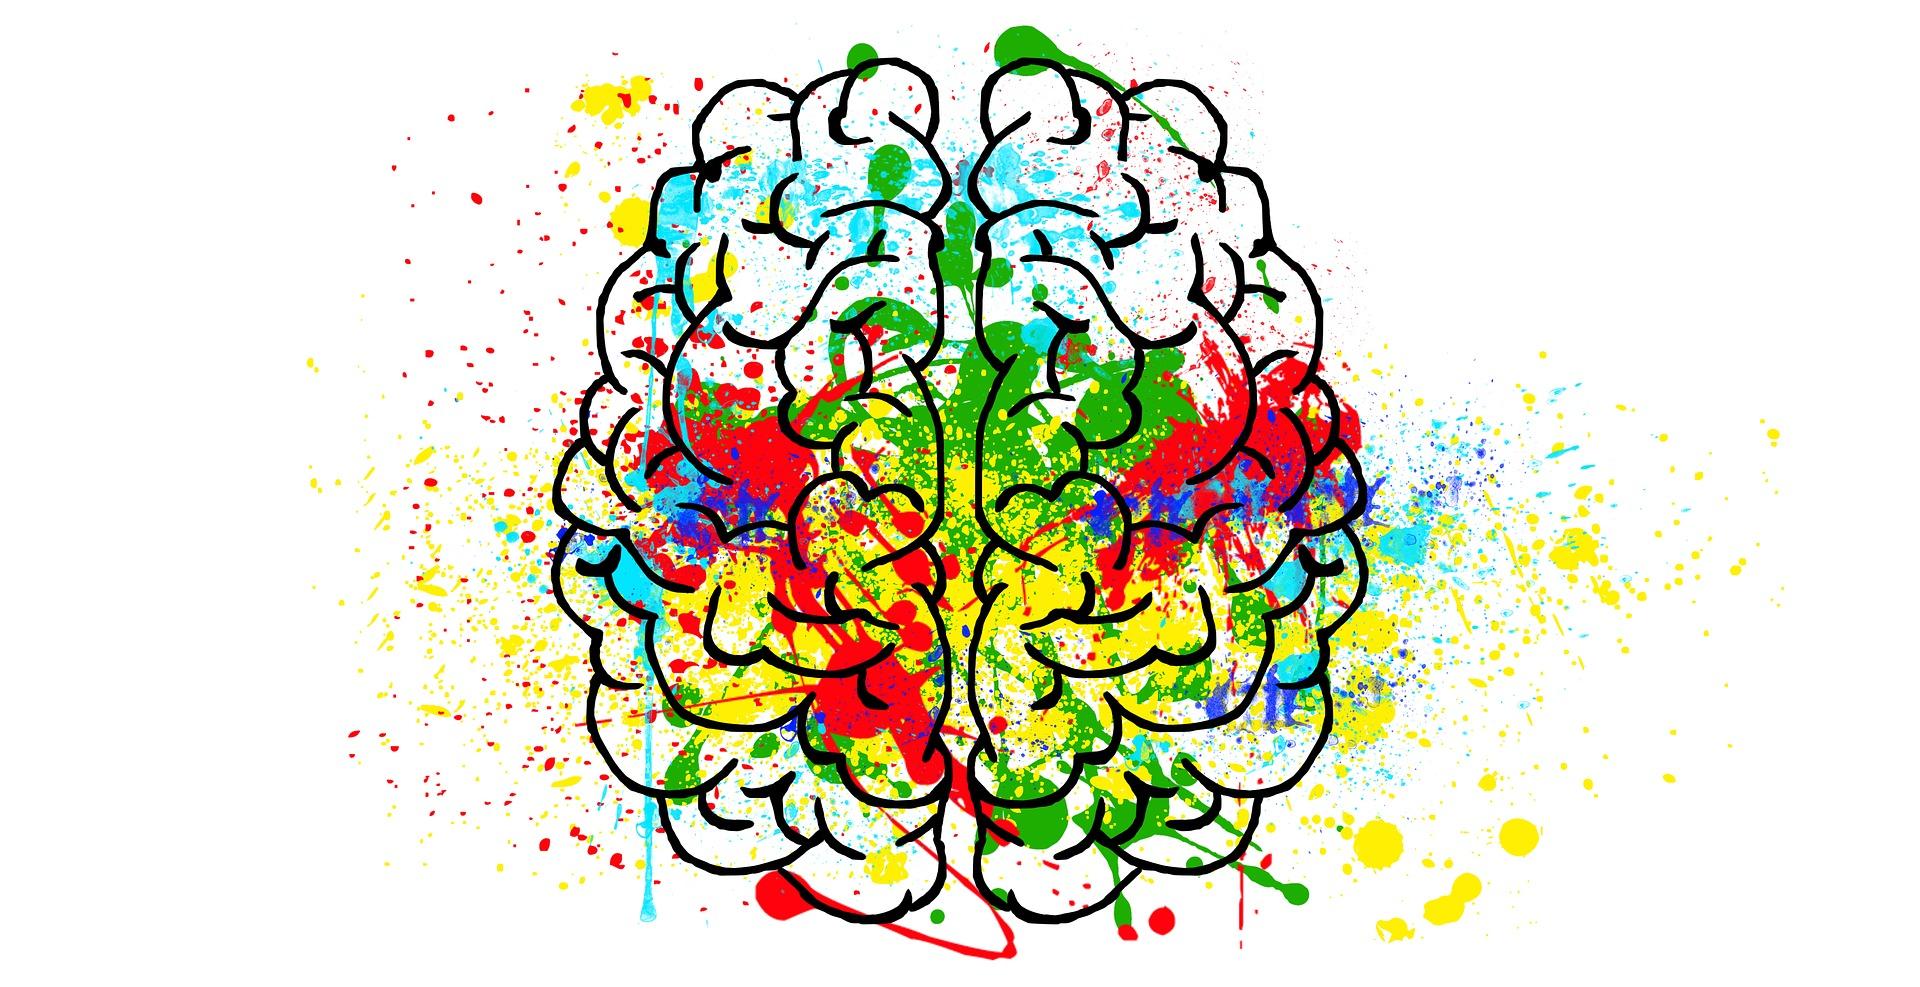 brain-2062048_1920.jpg